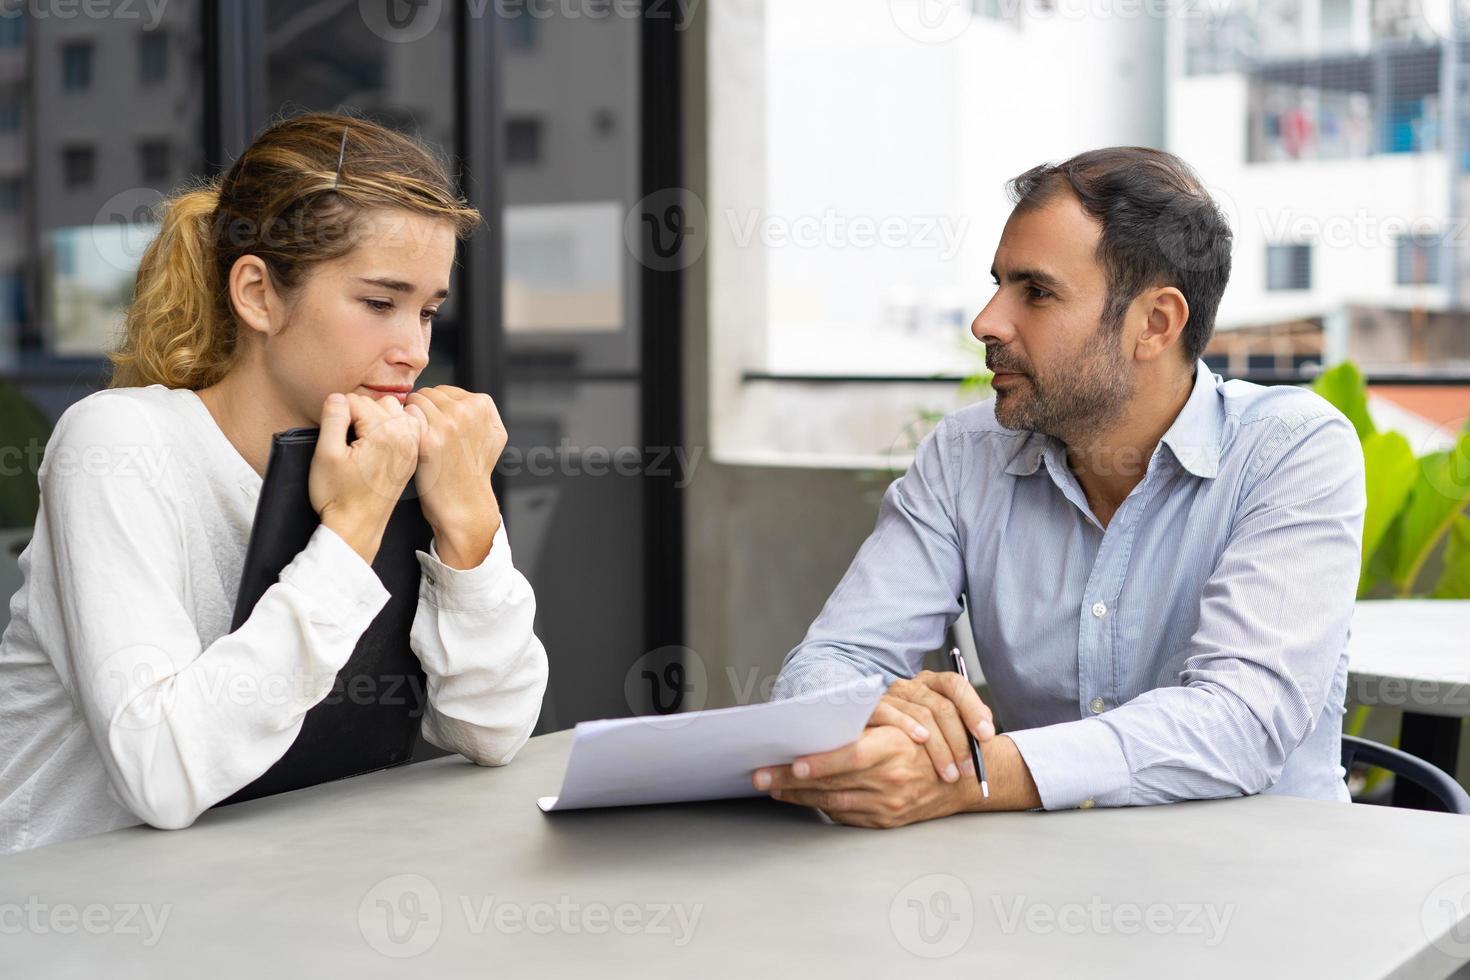 positiver Unternehmensleiter, der dem Assistenten die Aufgabe erklärt foto